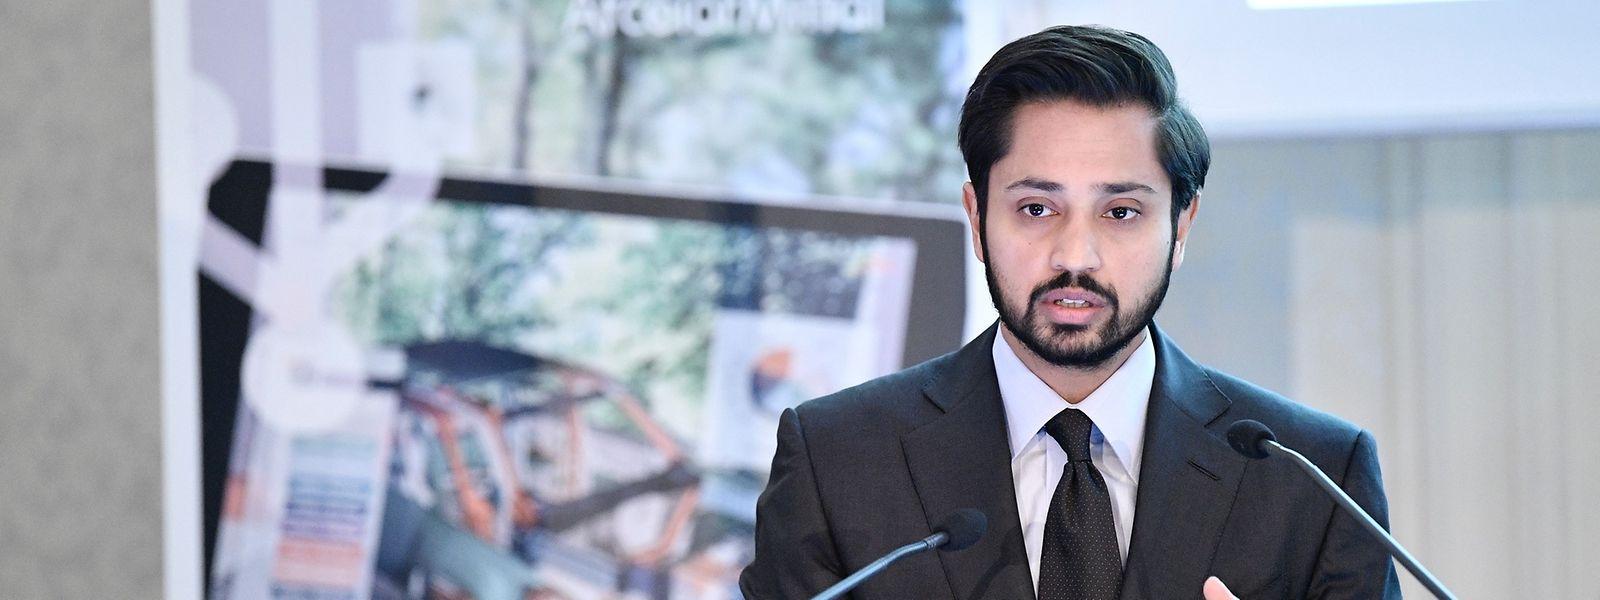 Aditya Mittal est actuellement directeur général d'ArcelorMittal Europe et directeur financier du groupe.